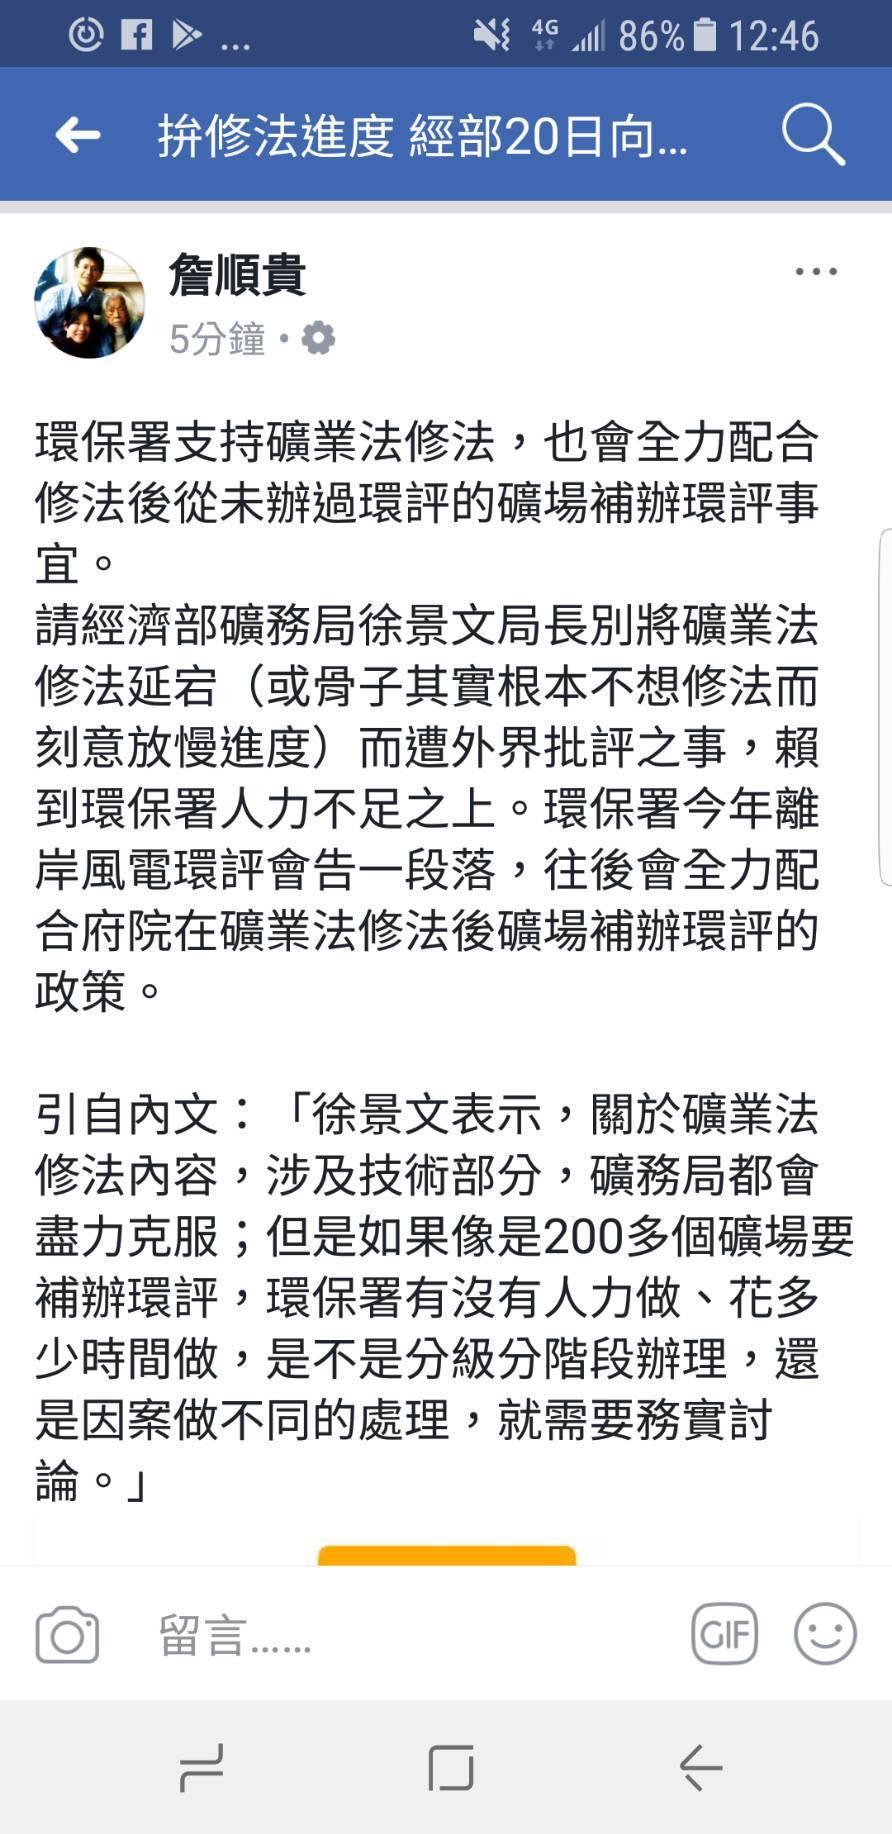 礦業法修法延宕,環保署副署長詹順貴今天在臉書上開炮,認為經濟部礦物局根本不想修而...